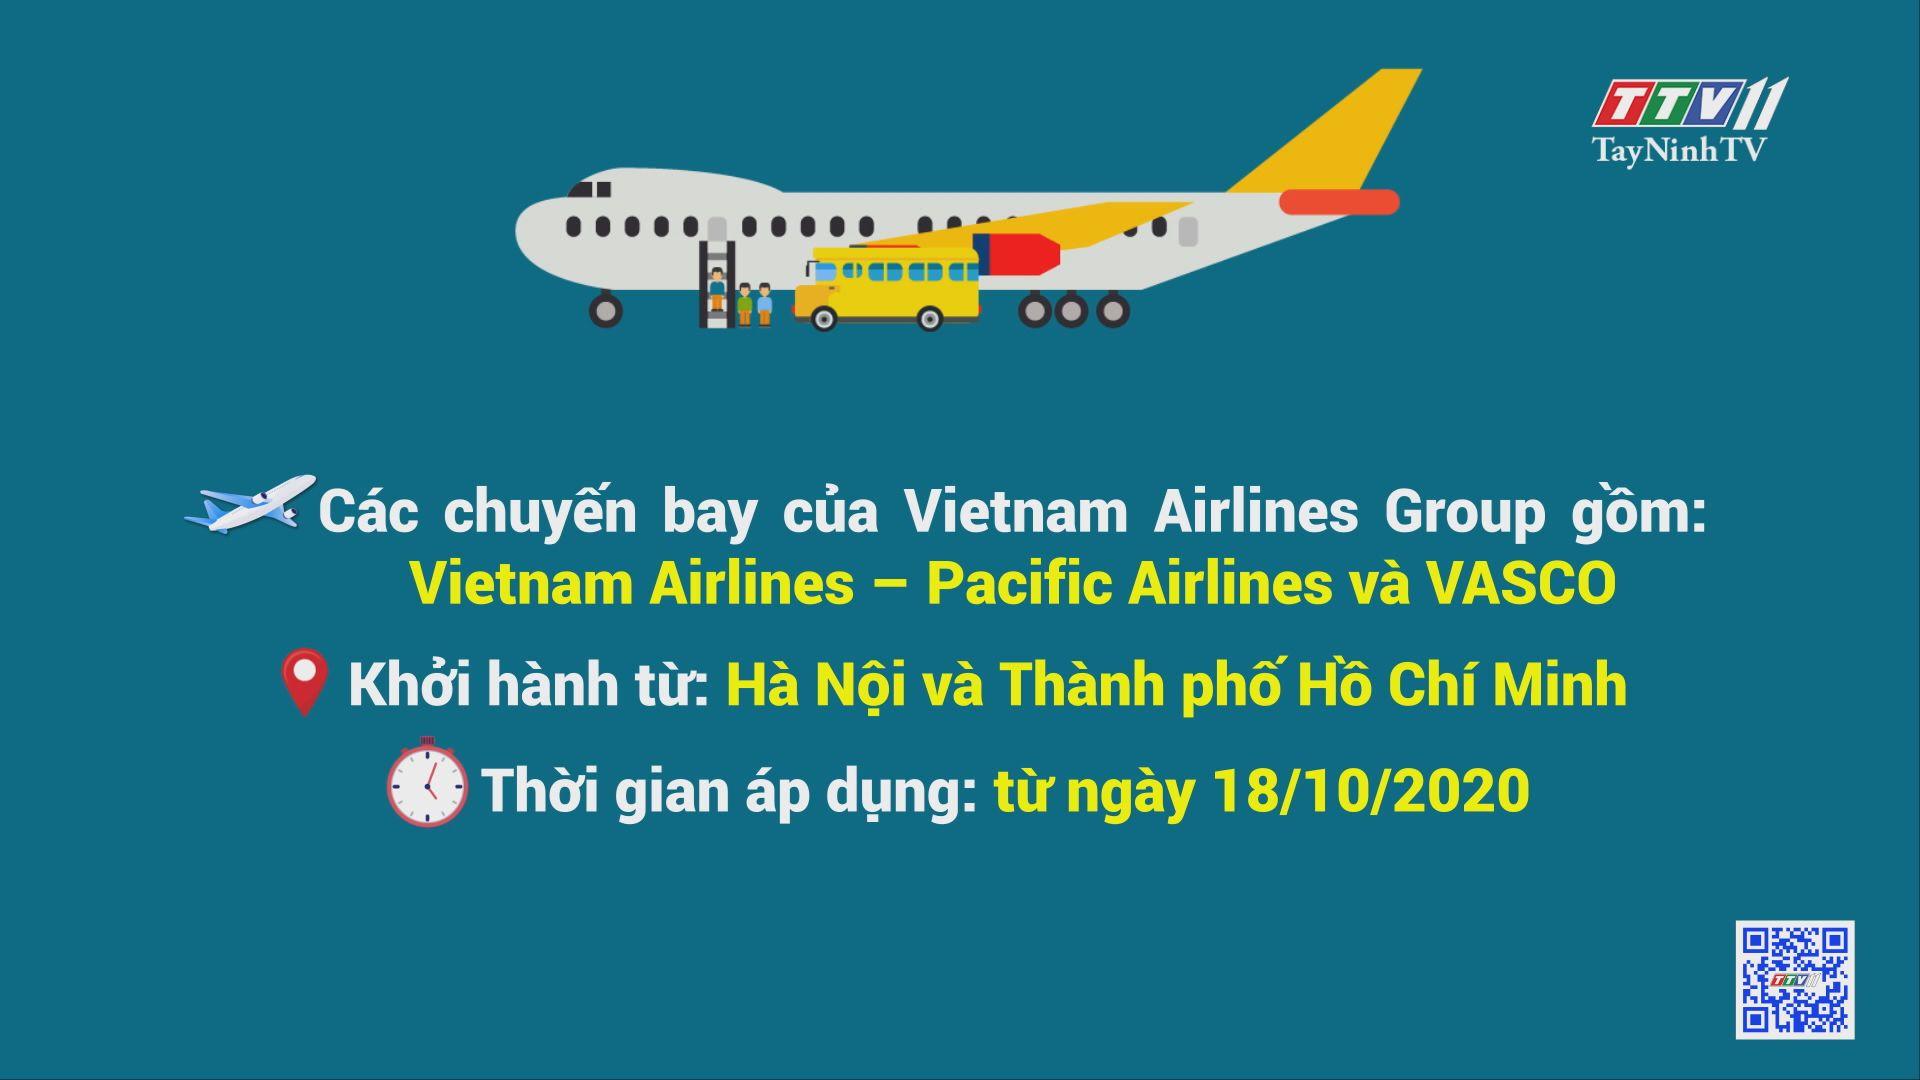 Việt Nam Airlines Group thông báo vận chuyển miễn cước hàng cứu trợ đồng bào miền Trung | TayNinhTV